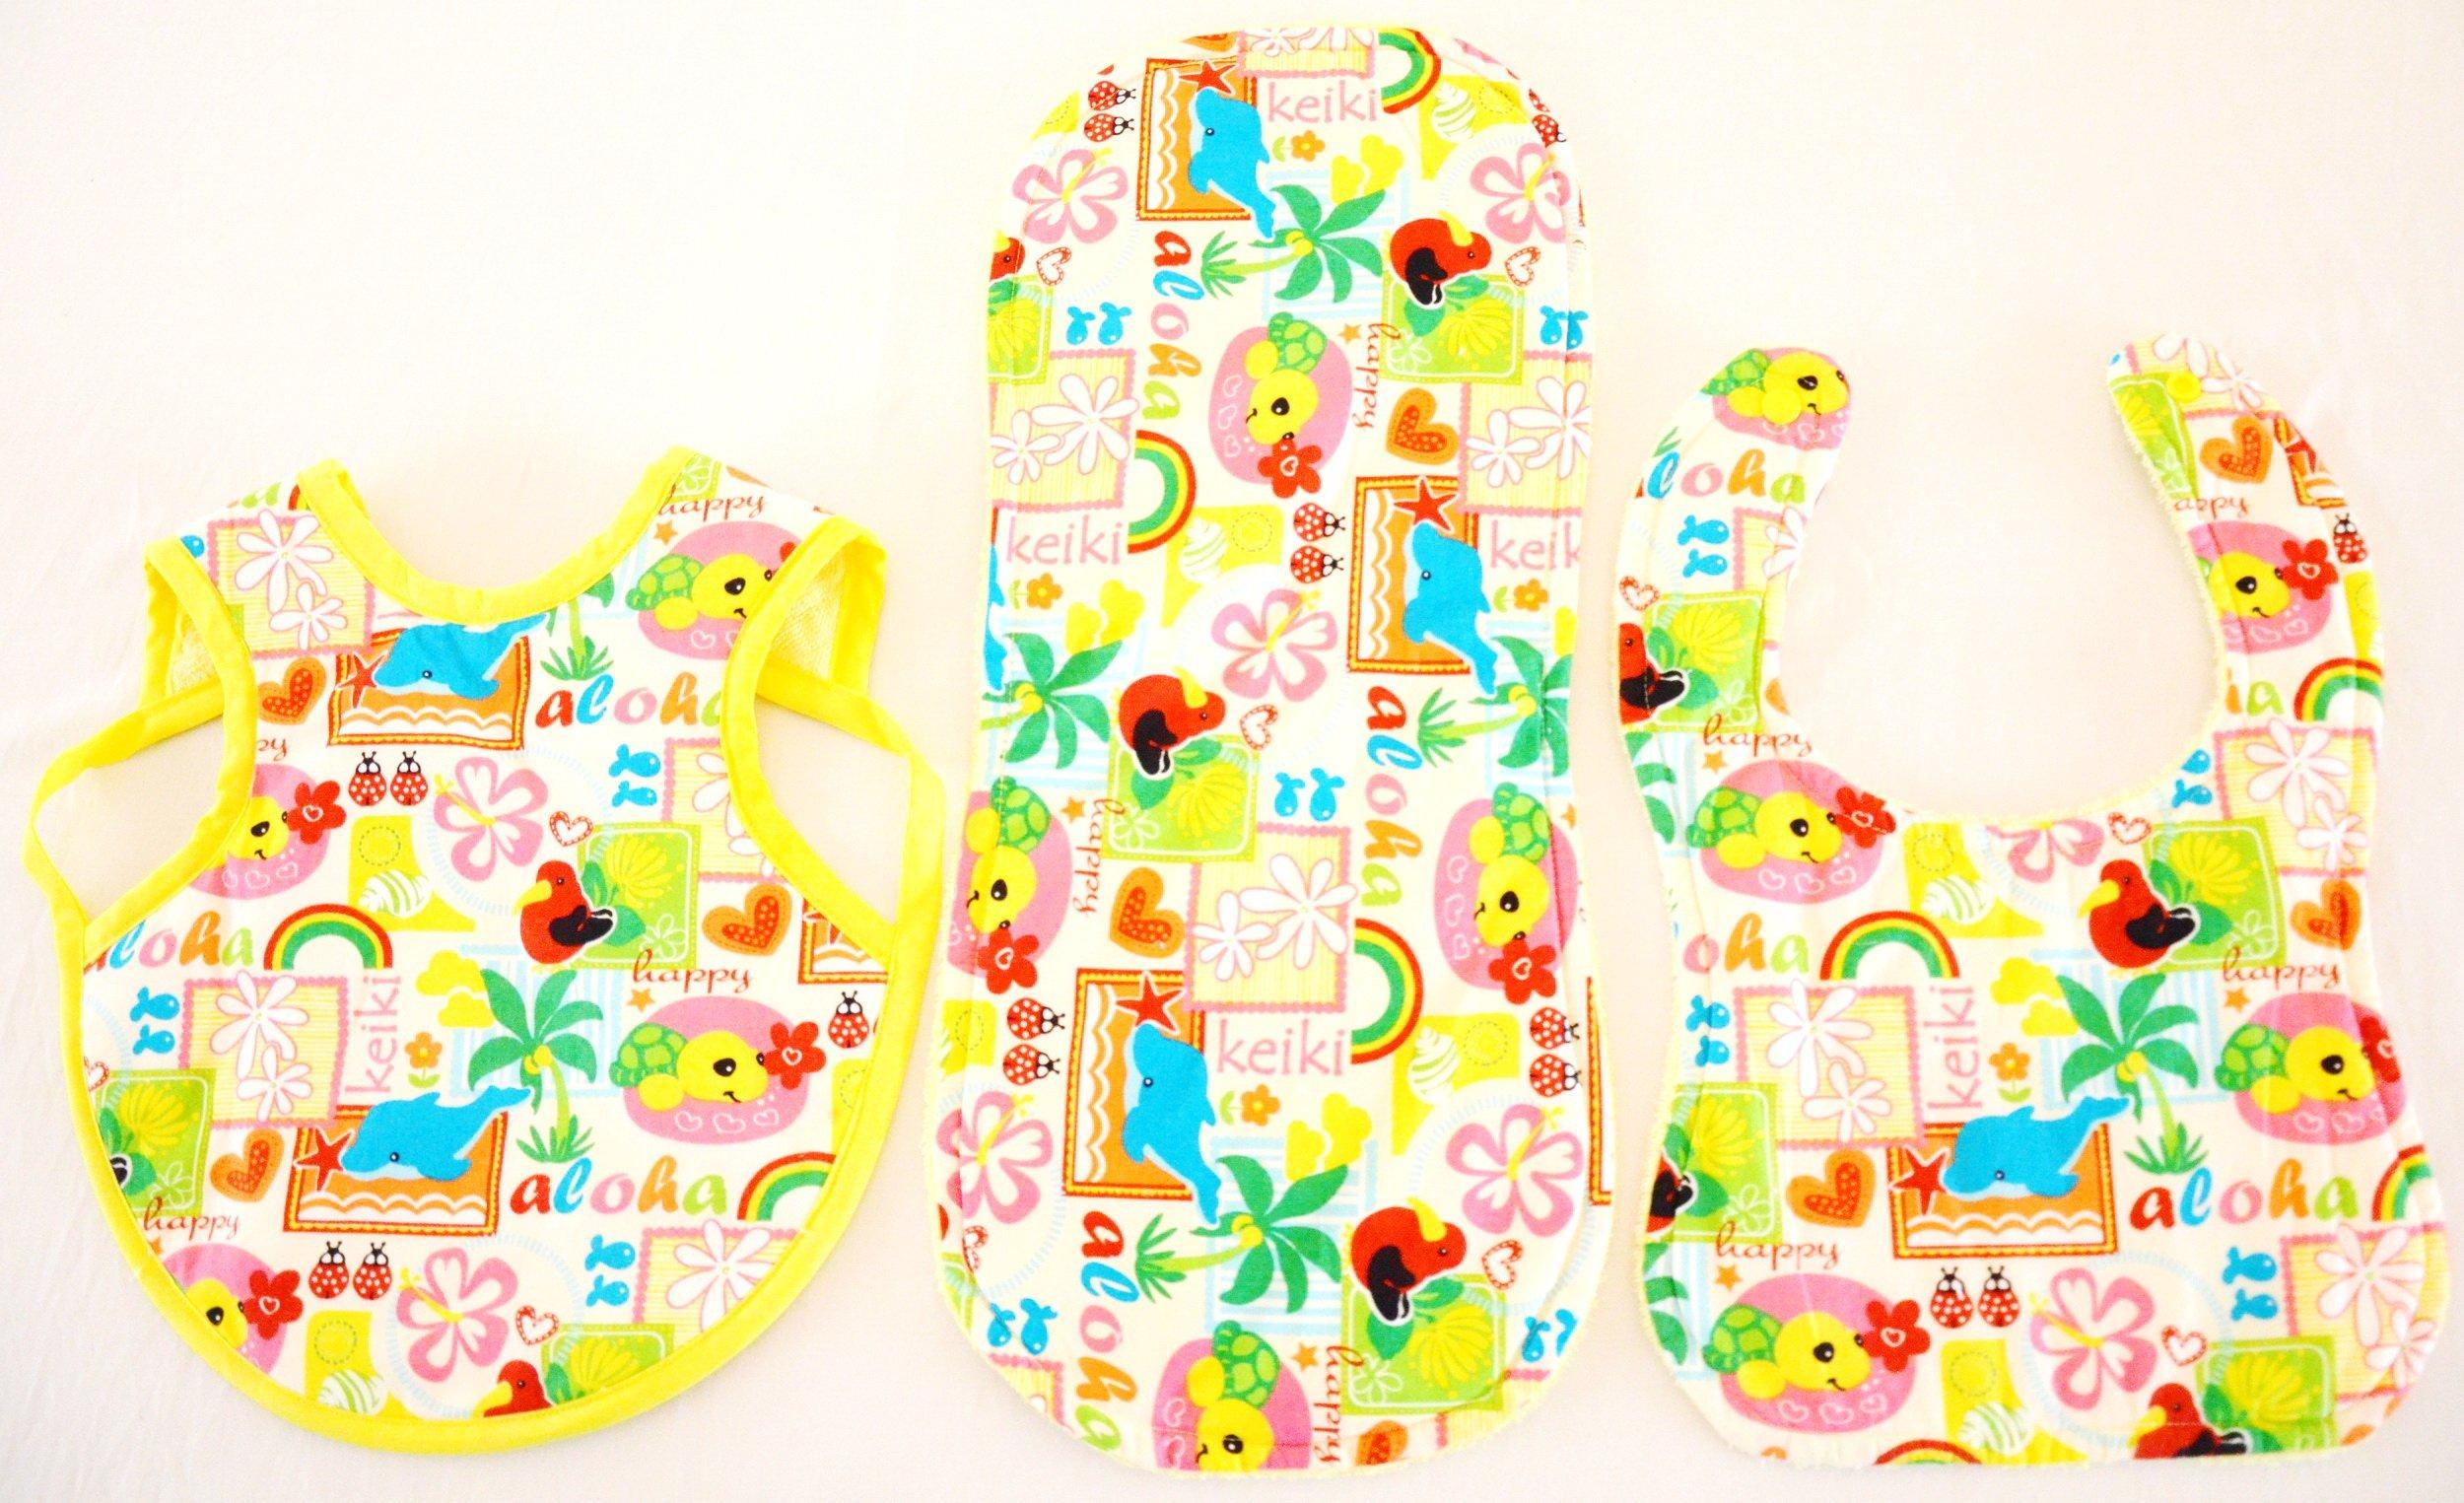 Hawaiian Bib Set (Bib, Bapron and Burp Cloth) - Keiki (L) by Baby Jolie's Closet